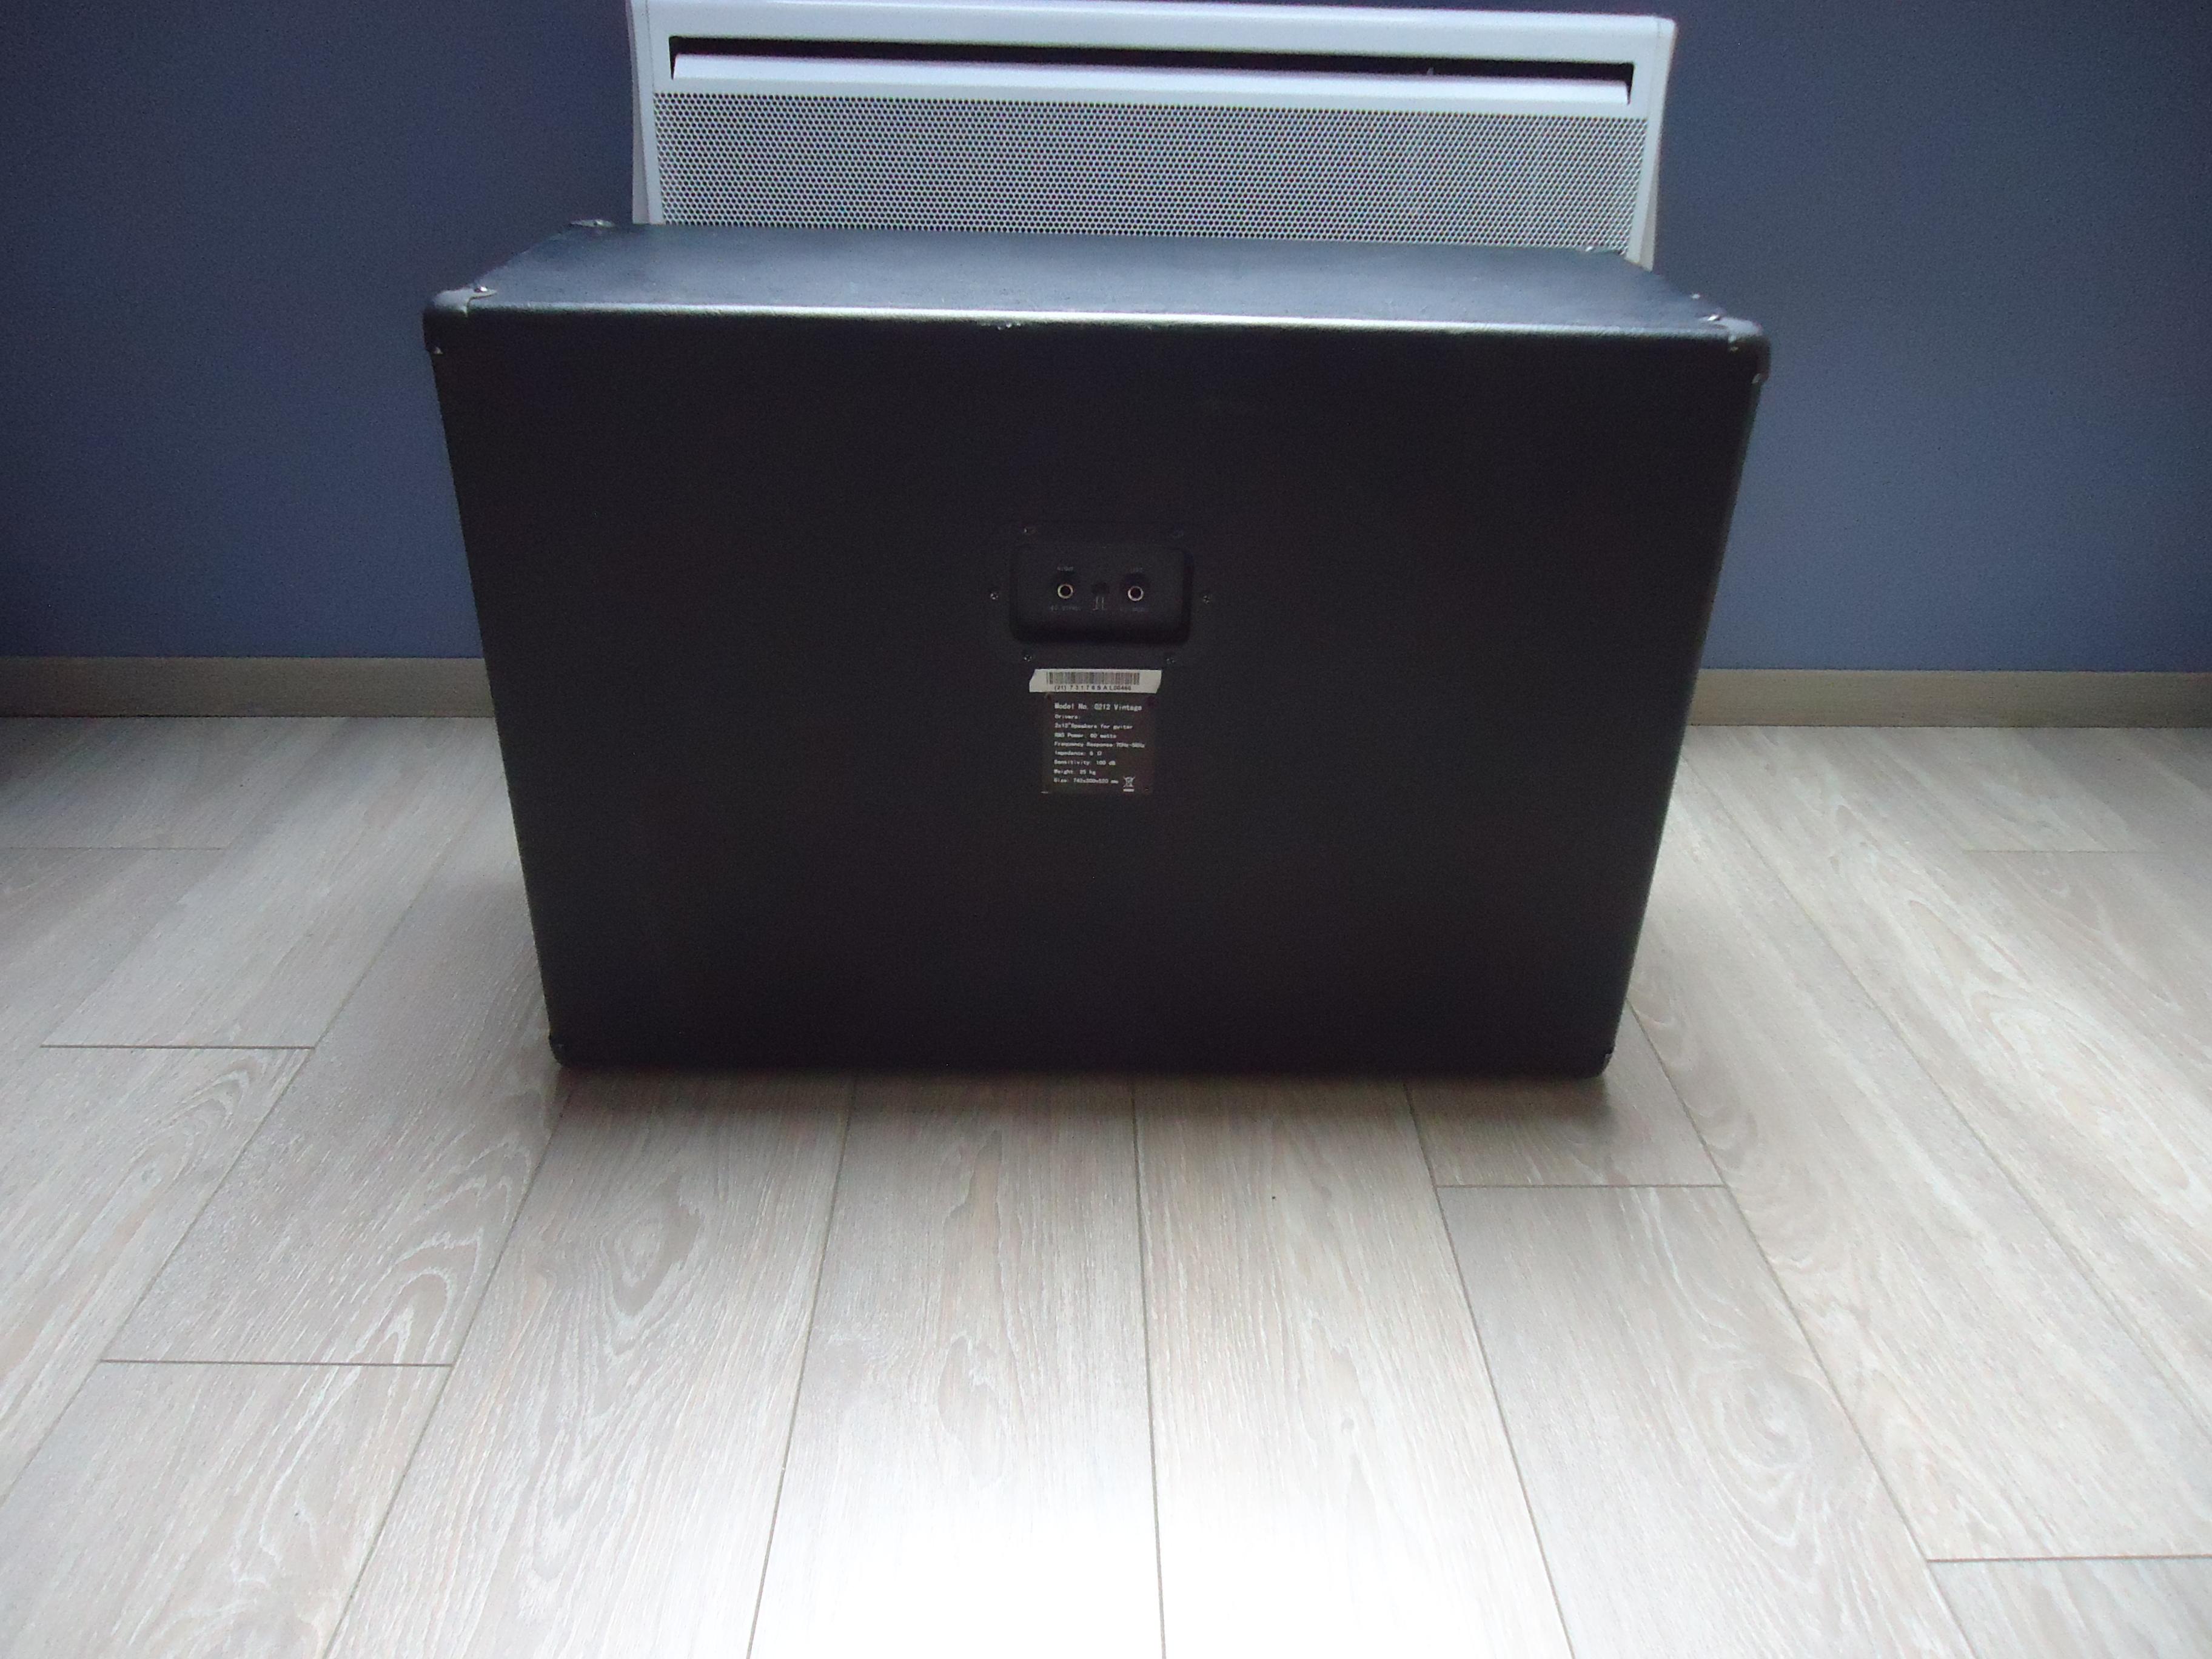 harley benton g212 vintage image 1488065 audiofanzine. Black Bedroom Furniture Sets. Home Design Ideas